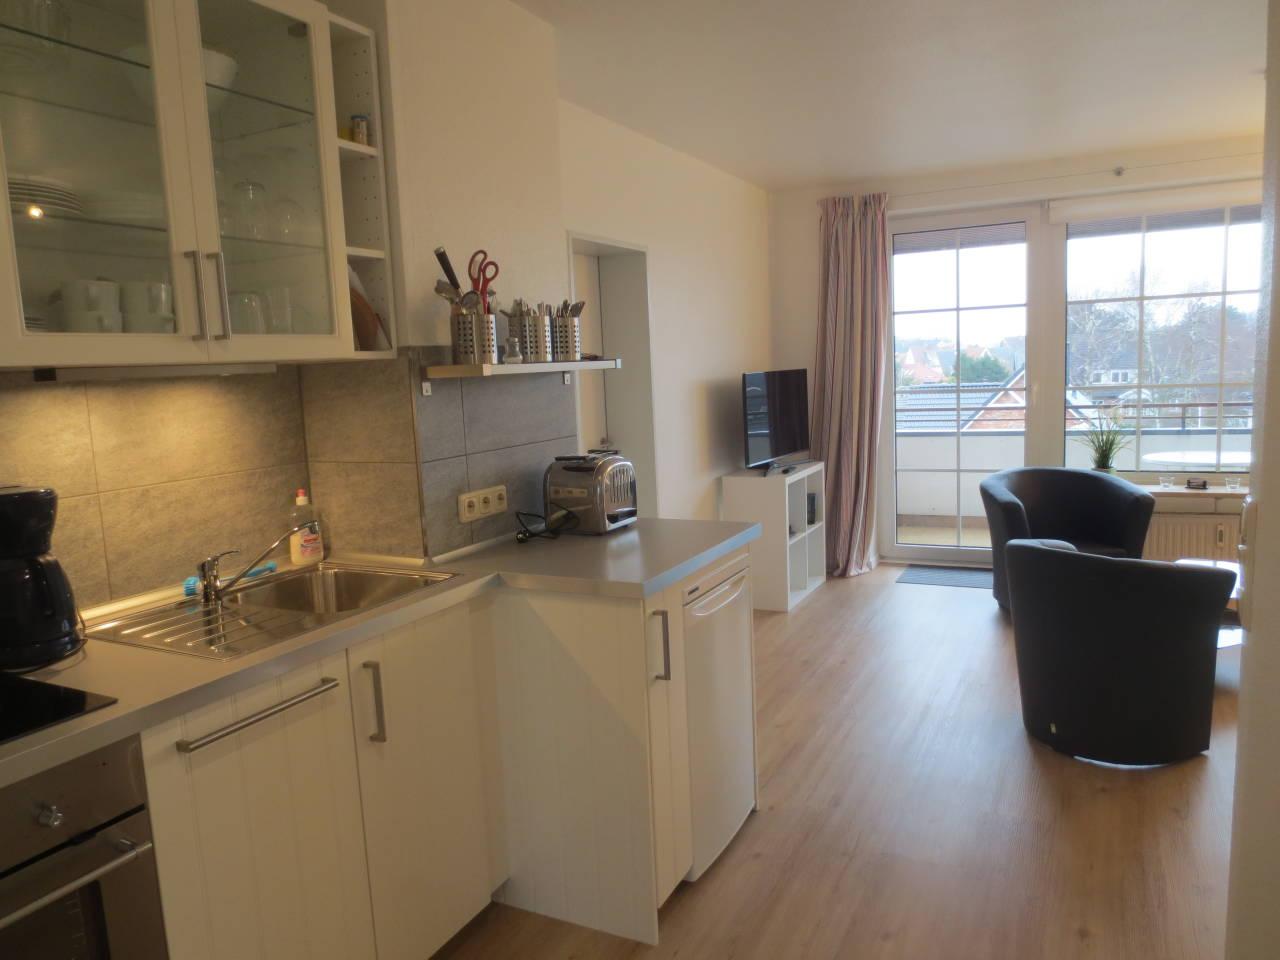 offene küche trennen | bnbnews.co, Wohnzimmer